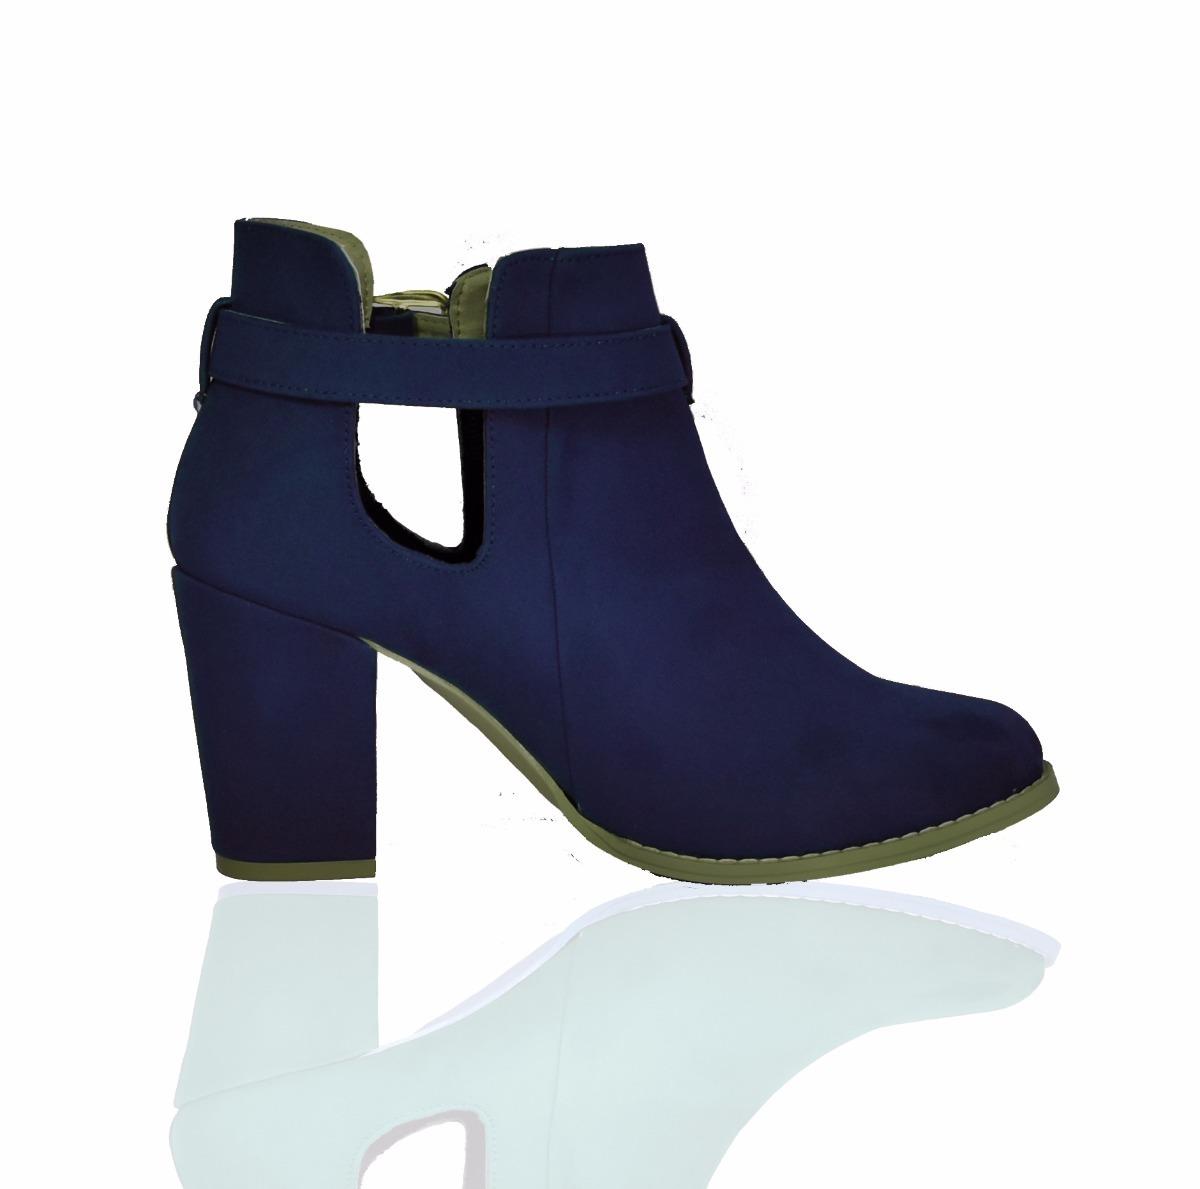 07d08777 Zapatos Botin Dama Tacon Ancho Botines Gamuza M2036 Azul - $ 299.00 ...